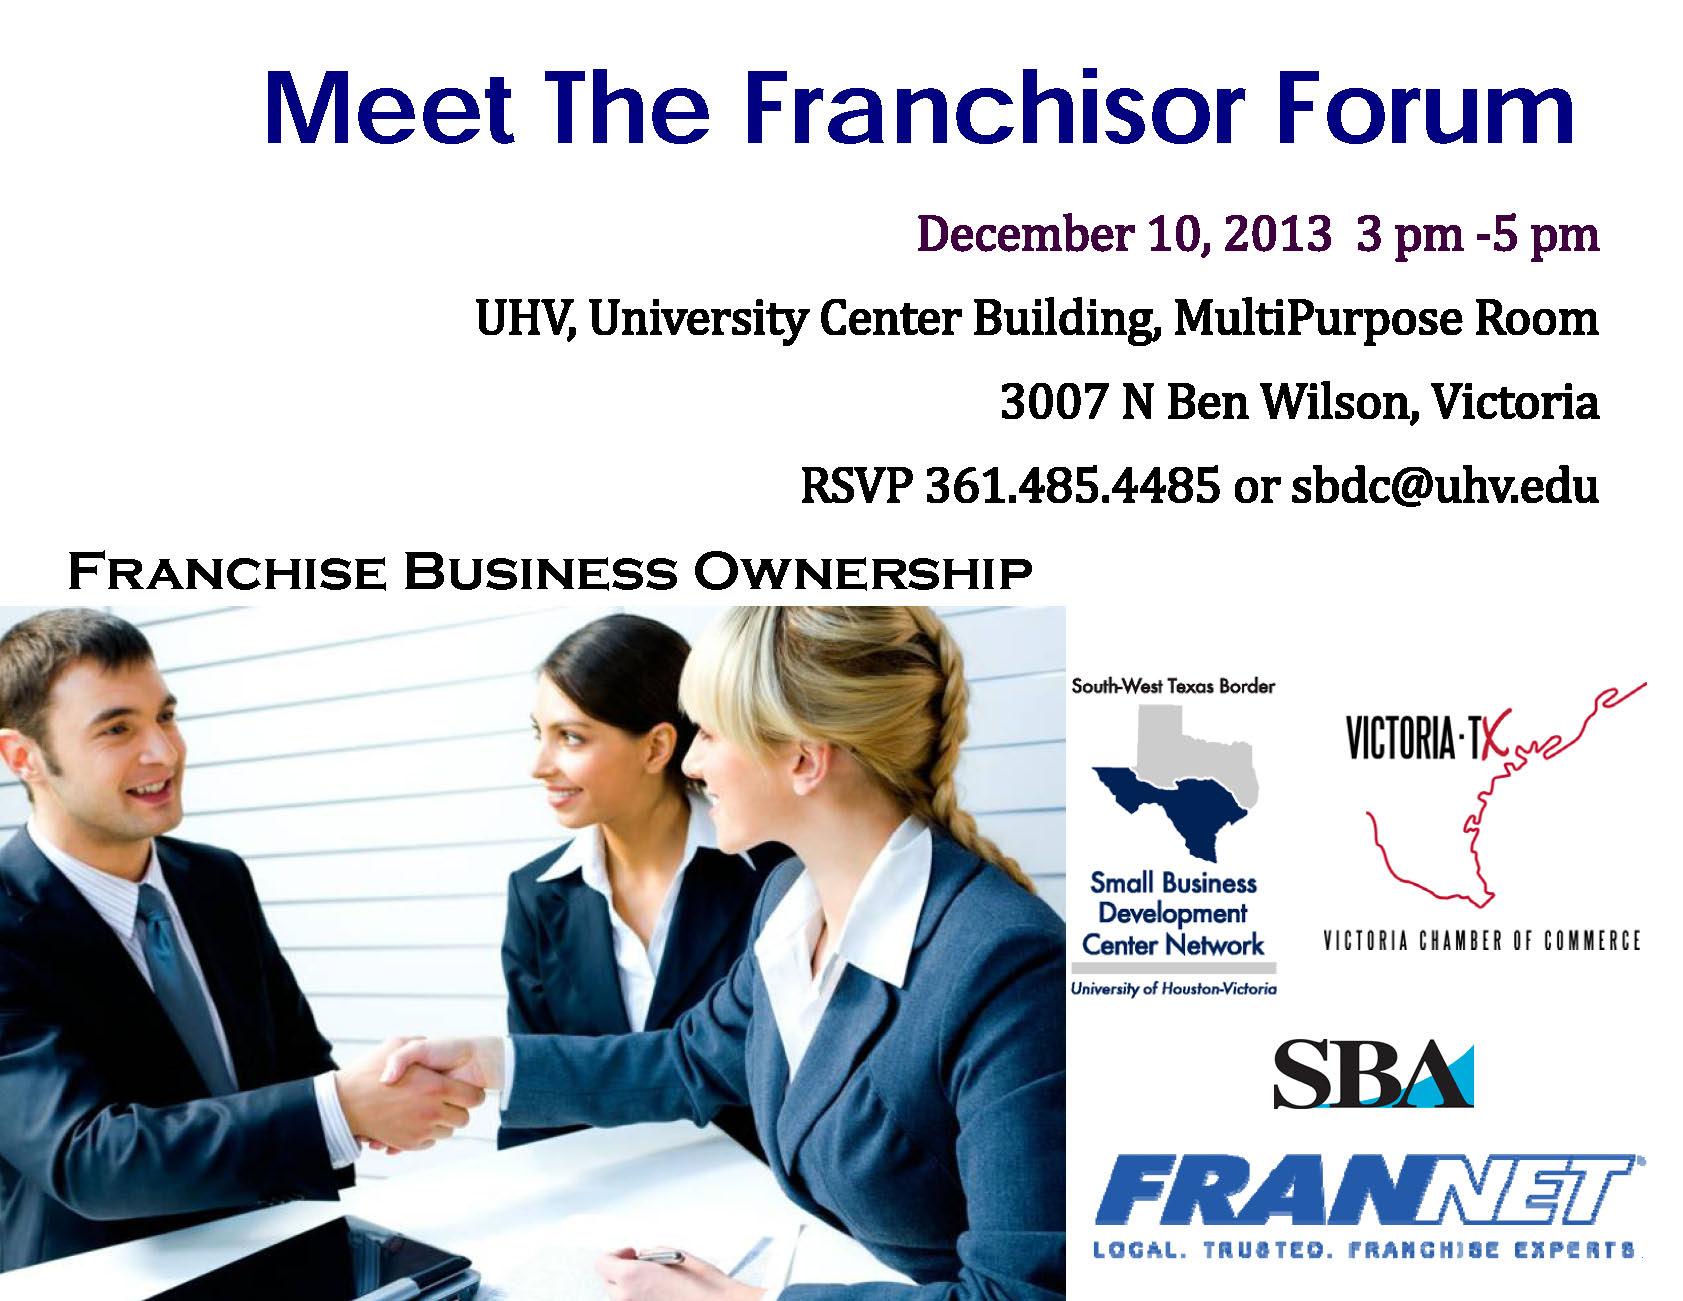 Franchisor Forum Flyer